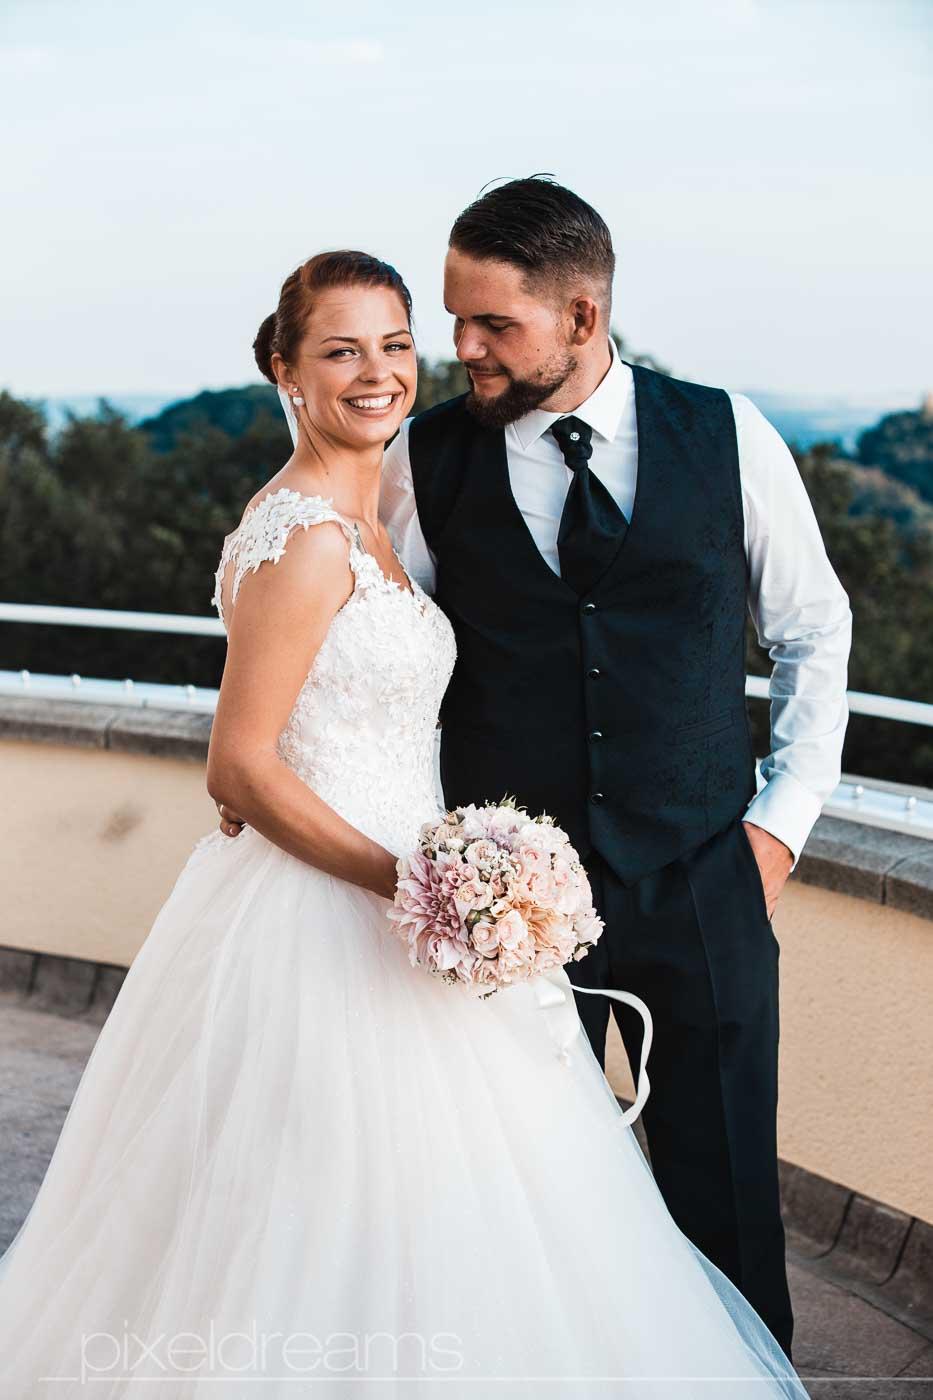 Steigenberger Grandhotel. Brautpaar posiert auf Terasse für Hochzeitsfotograf